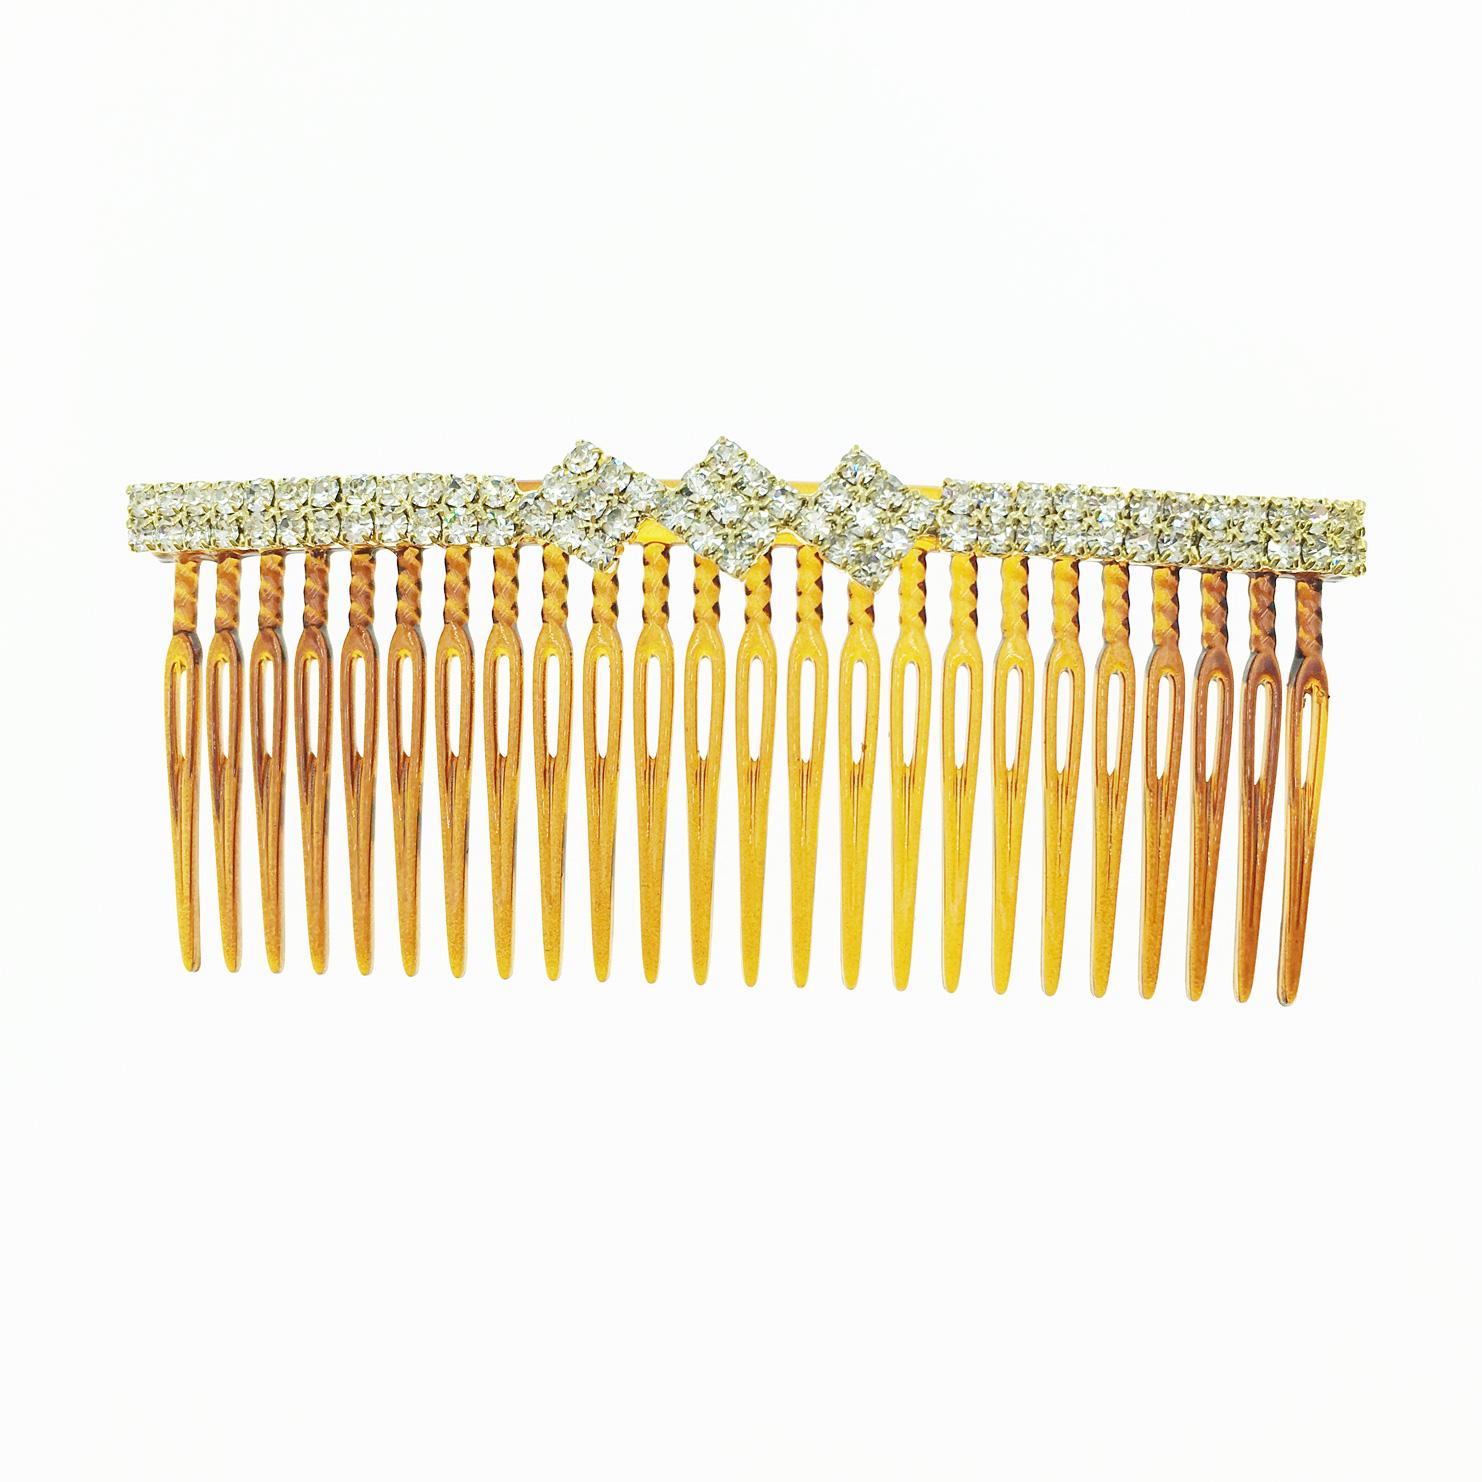 韓國 水鑽 菱形 茶色 髮插 排插 排梳盤髮 髮飾